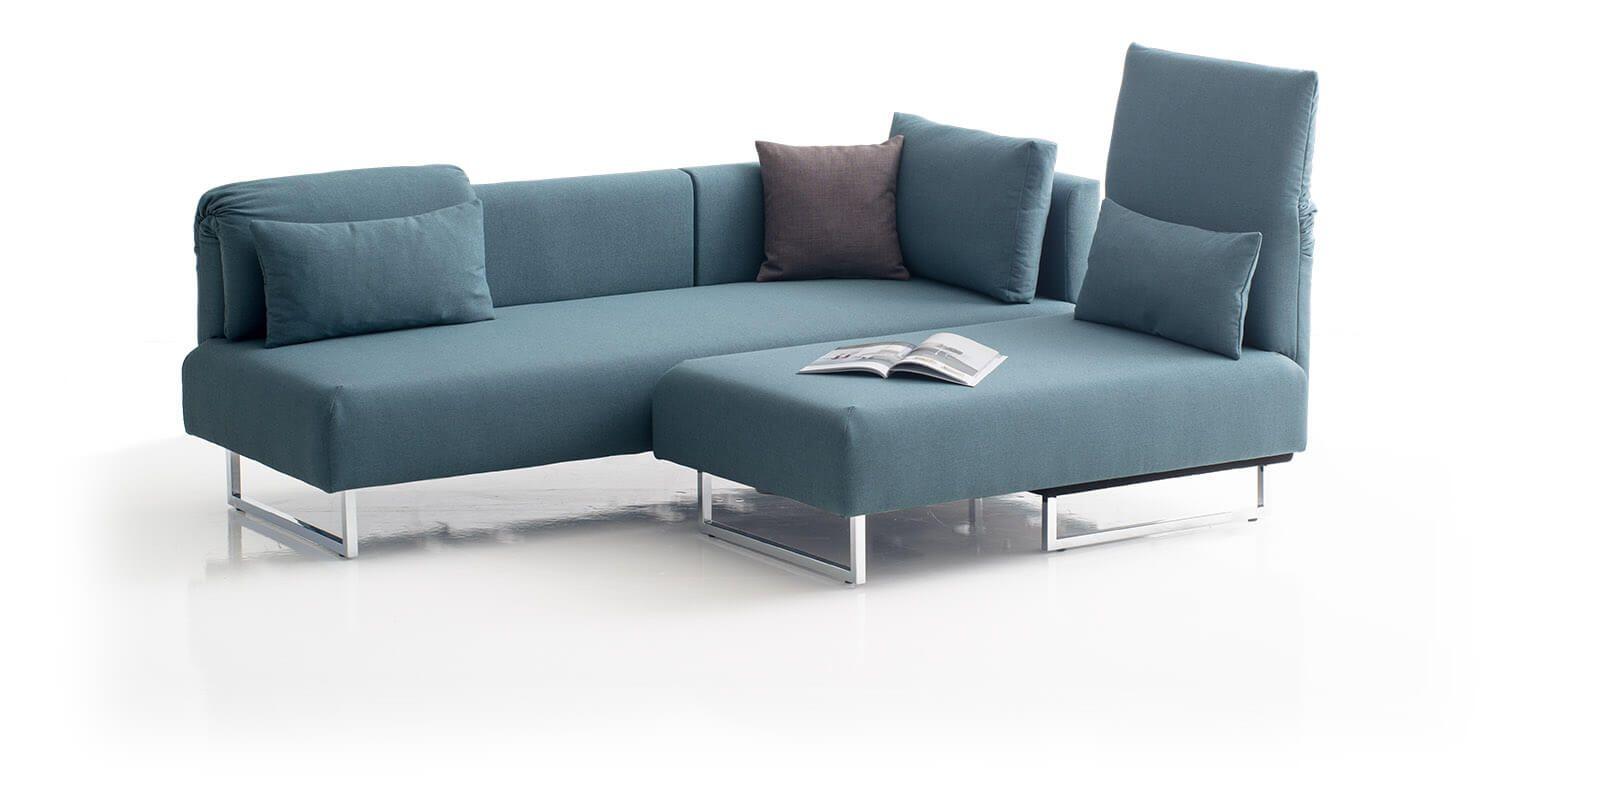 Franz Fertig Sofas corner suite by franz fertig sofás camas inteligentes